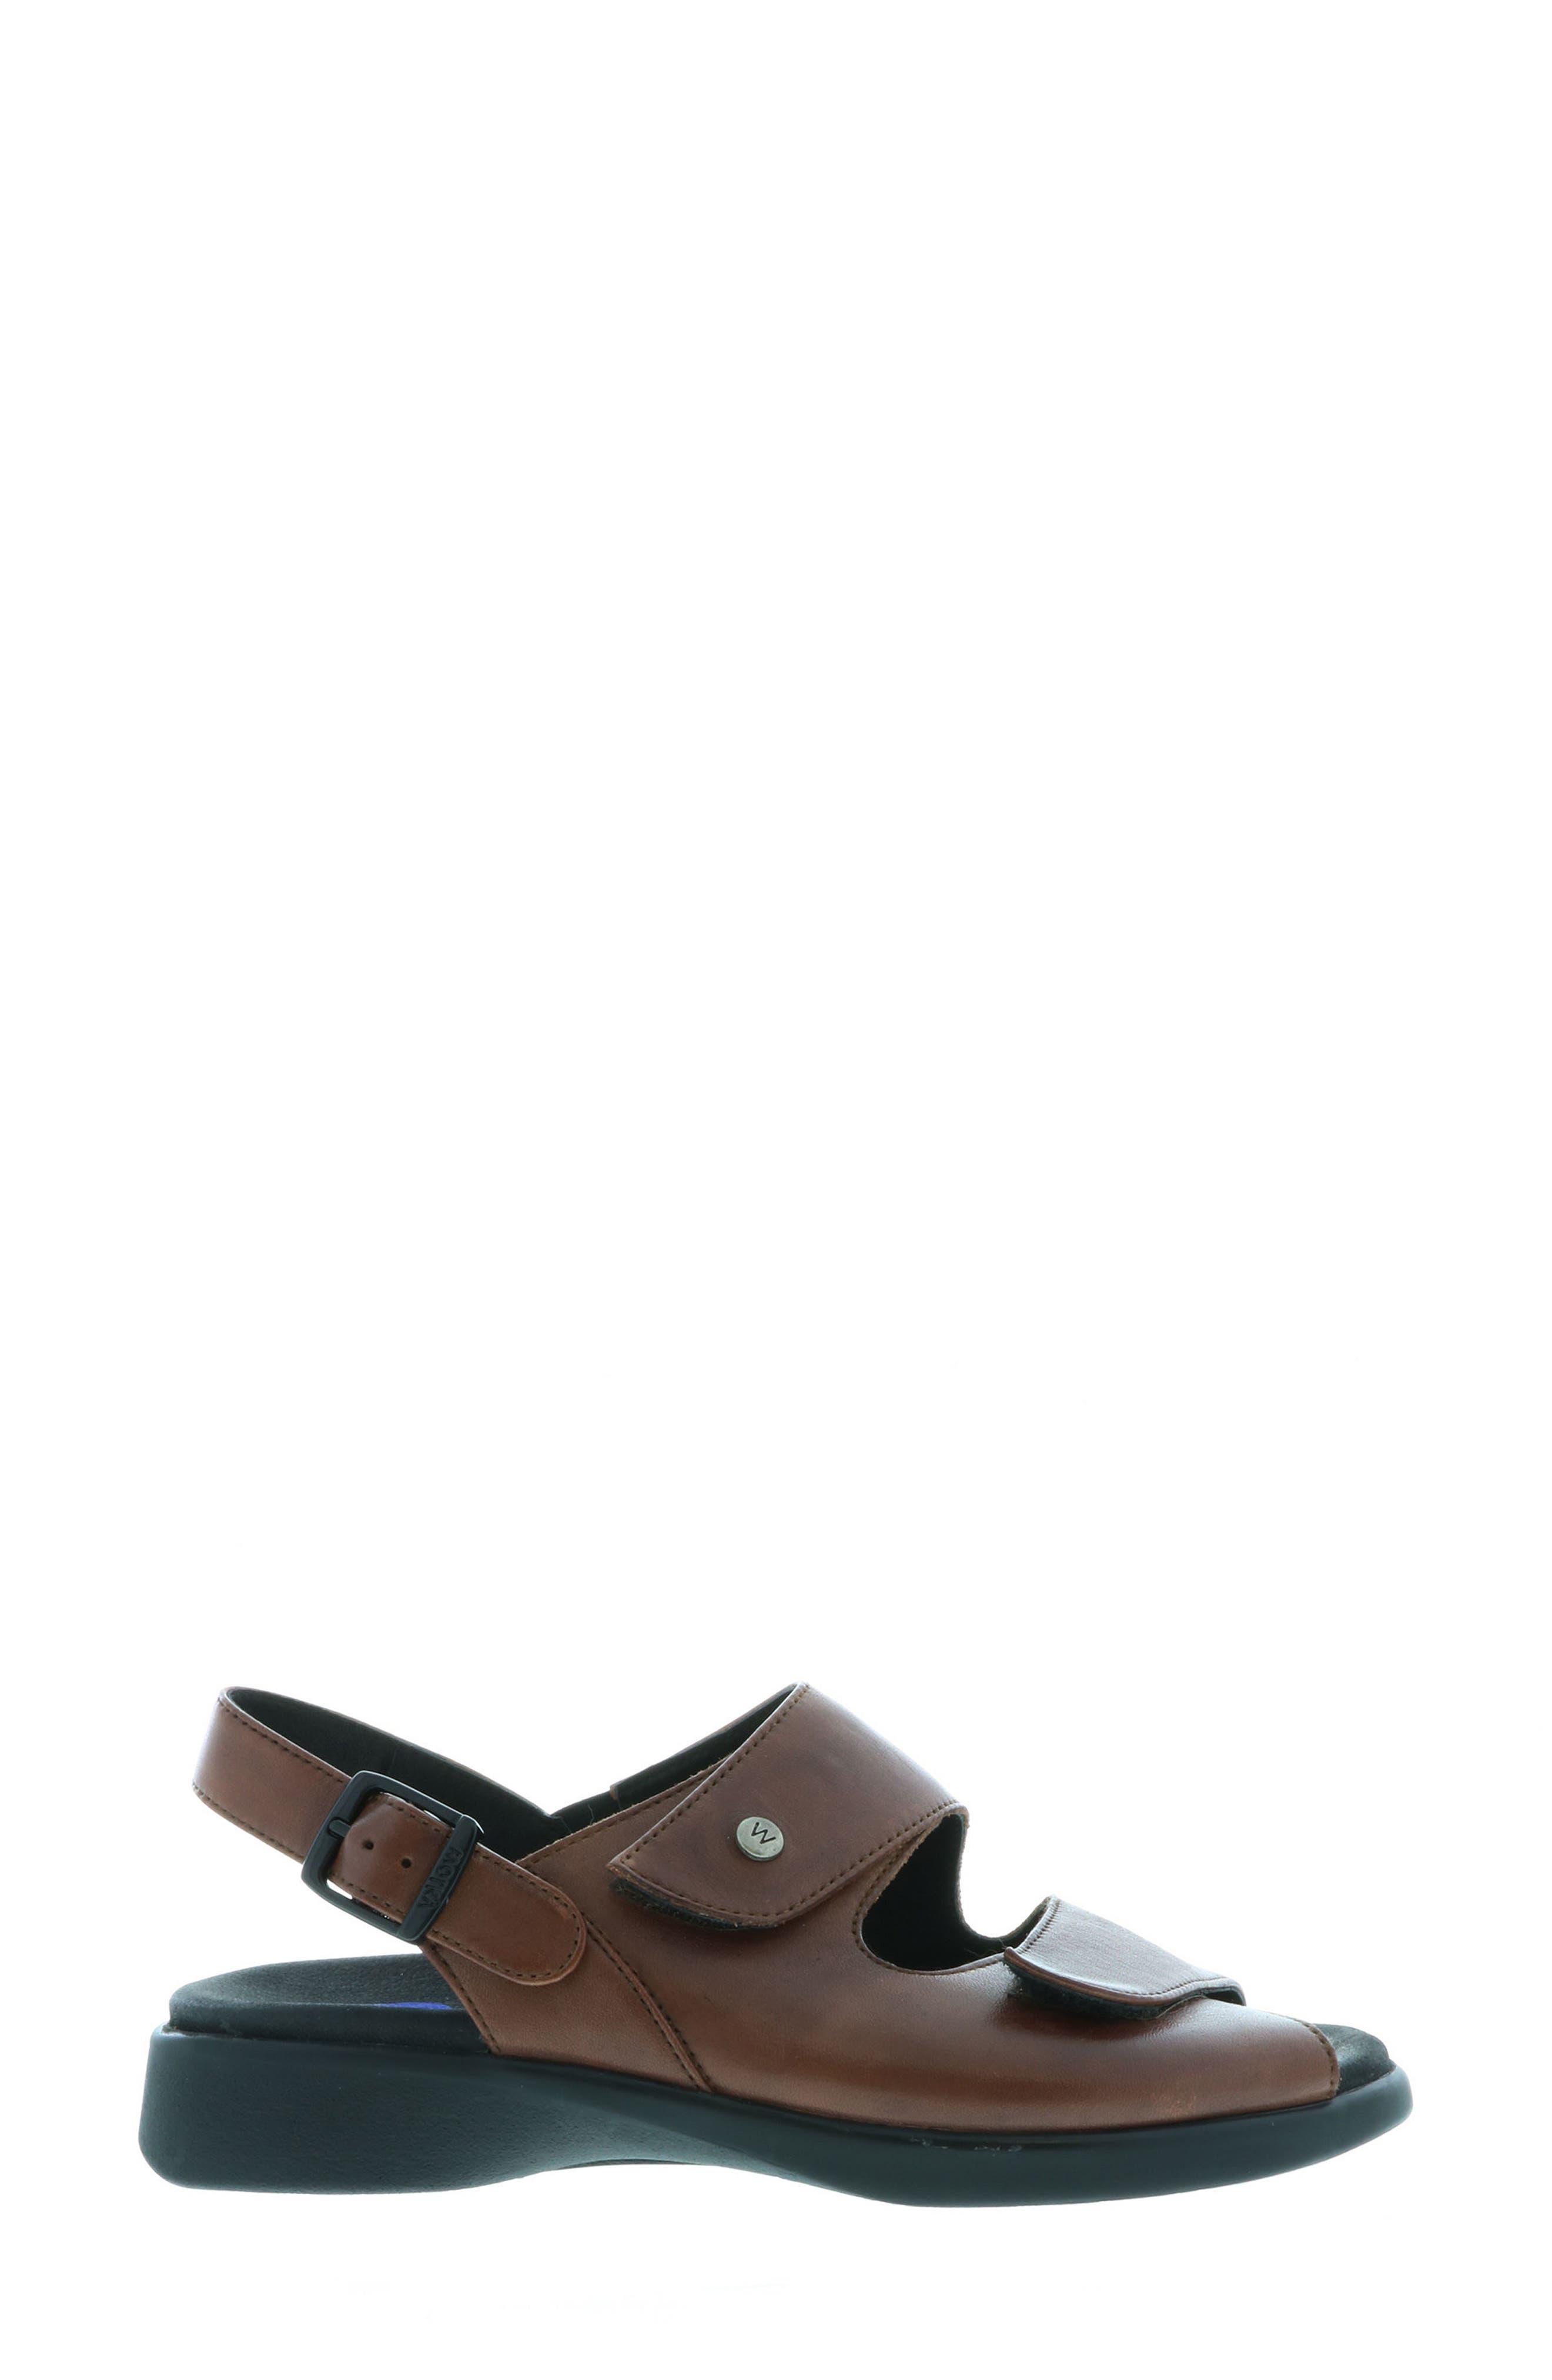 Nimes Sandal,                             Alternate thumbnail 3, color,                             Cognac Faux Leather